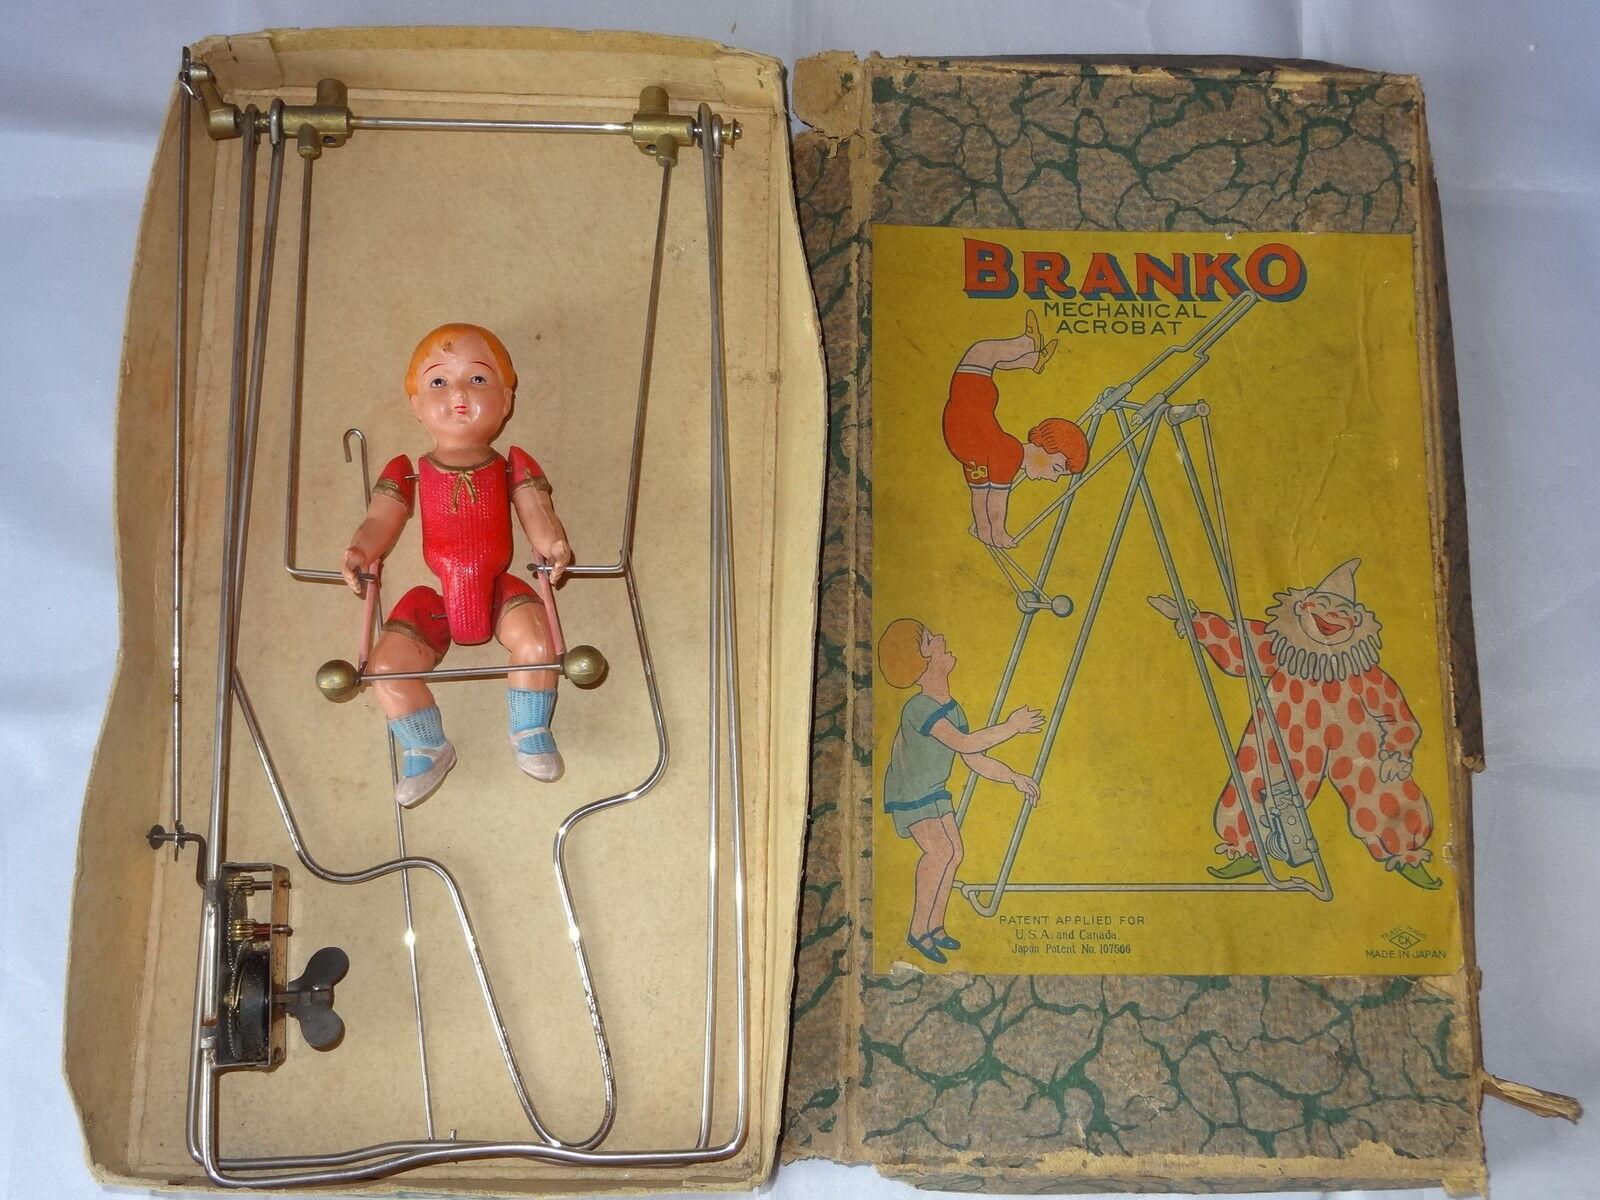 Branko japan PRE WAR ACROBAT - BOXED